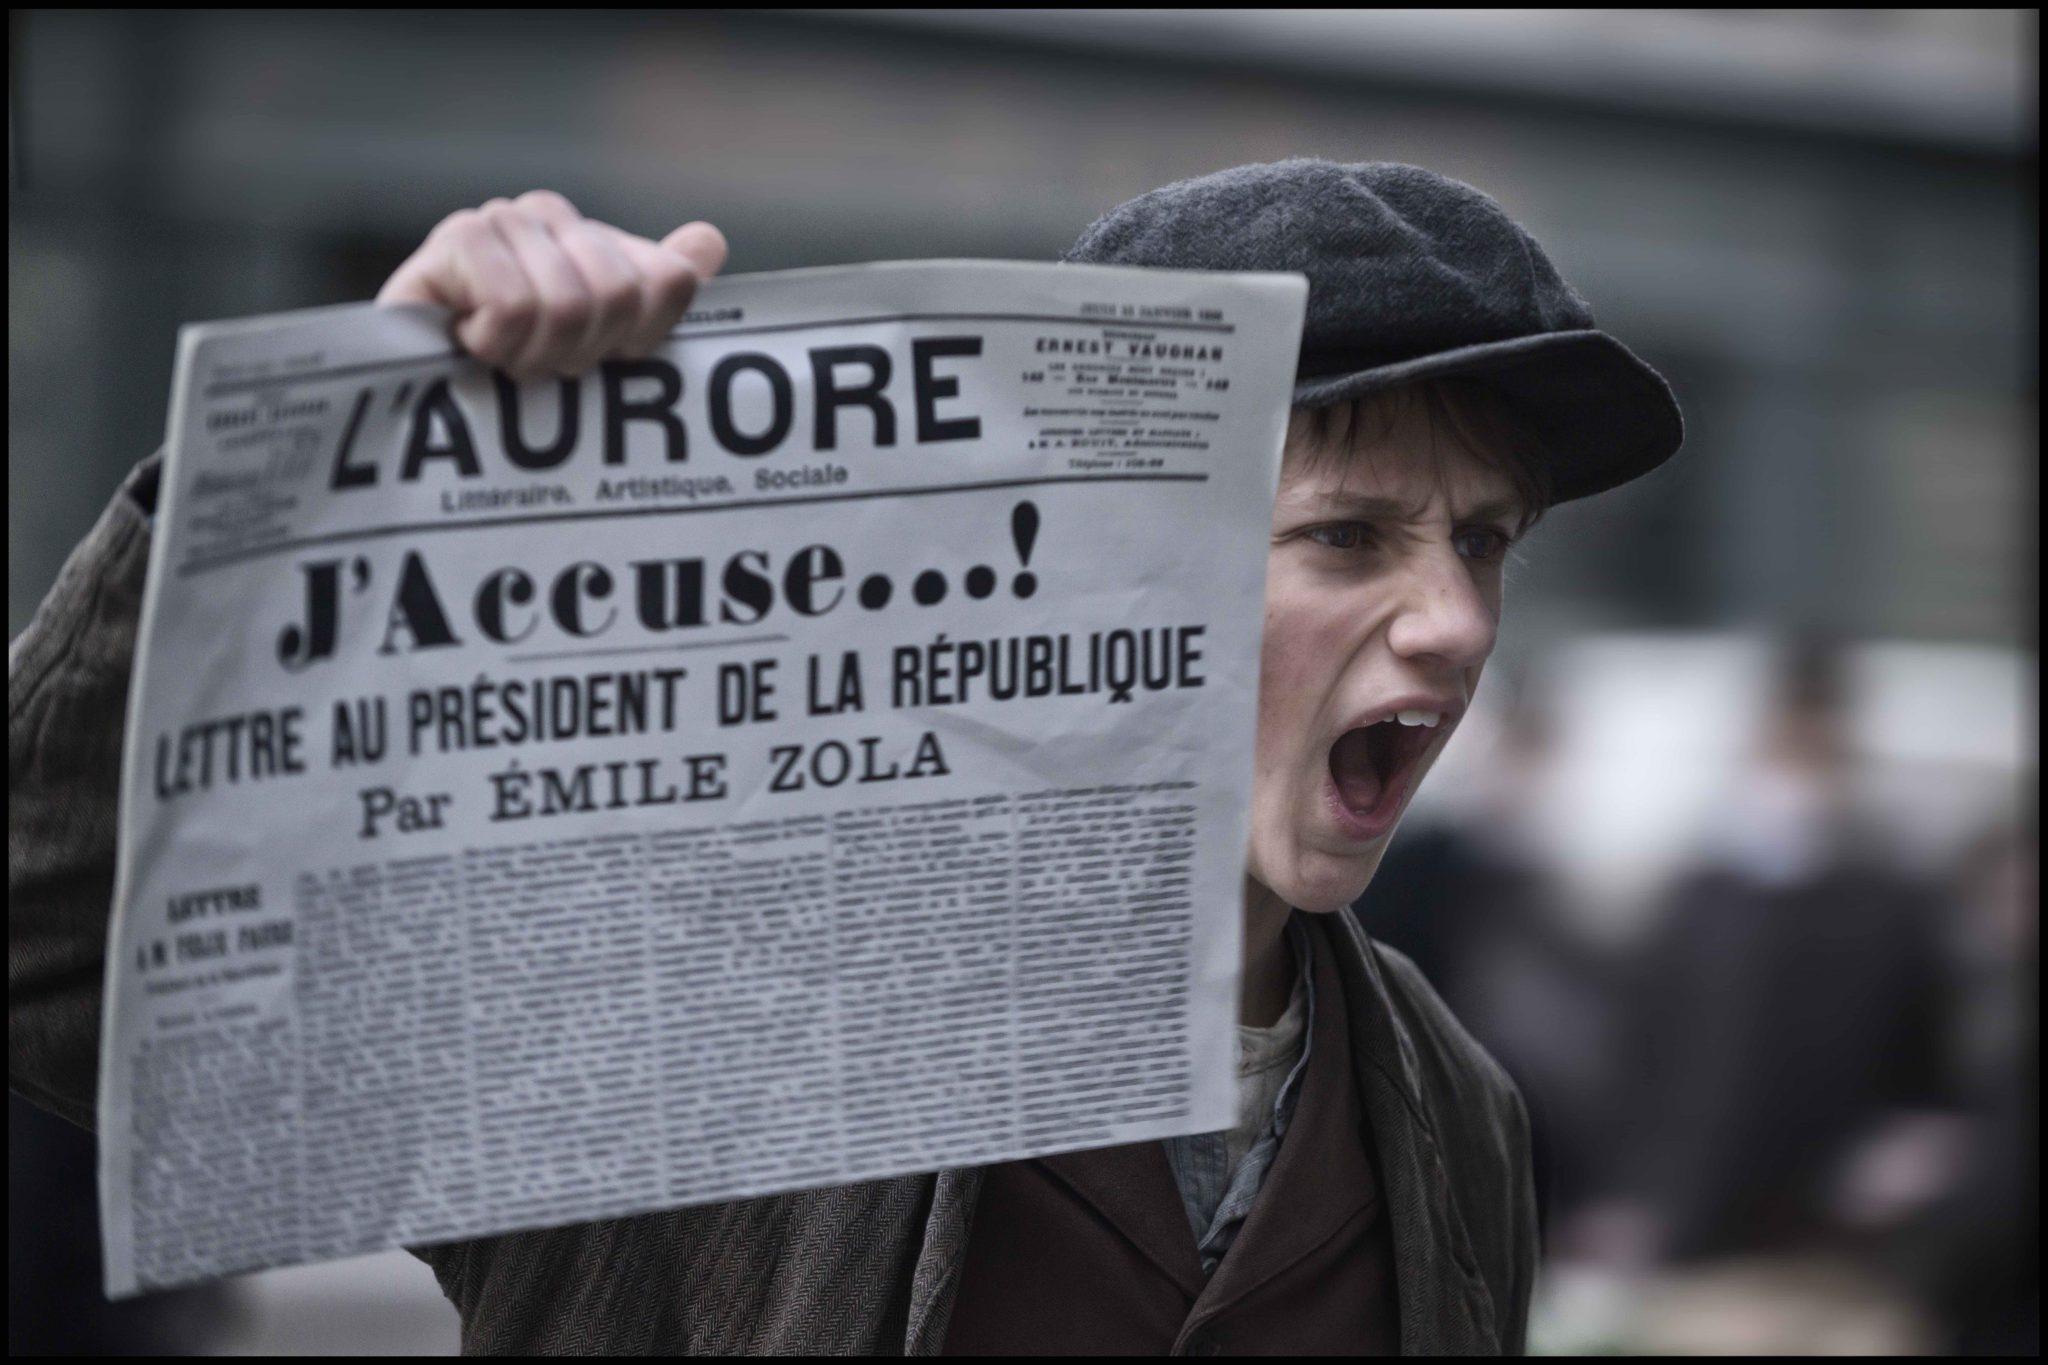 """Un giornale che recita """"J'accuse"""", come il titolo del film di Roman Polansky a Venezia"""